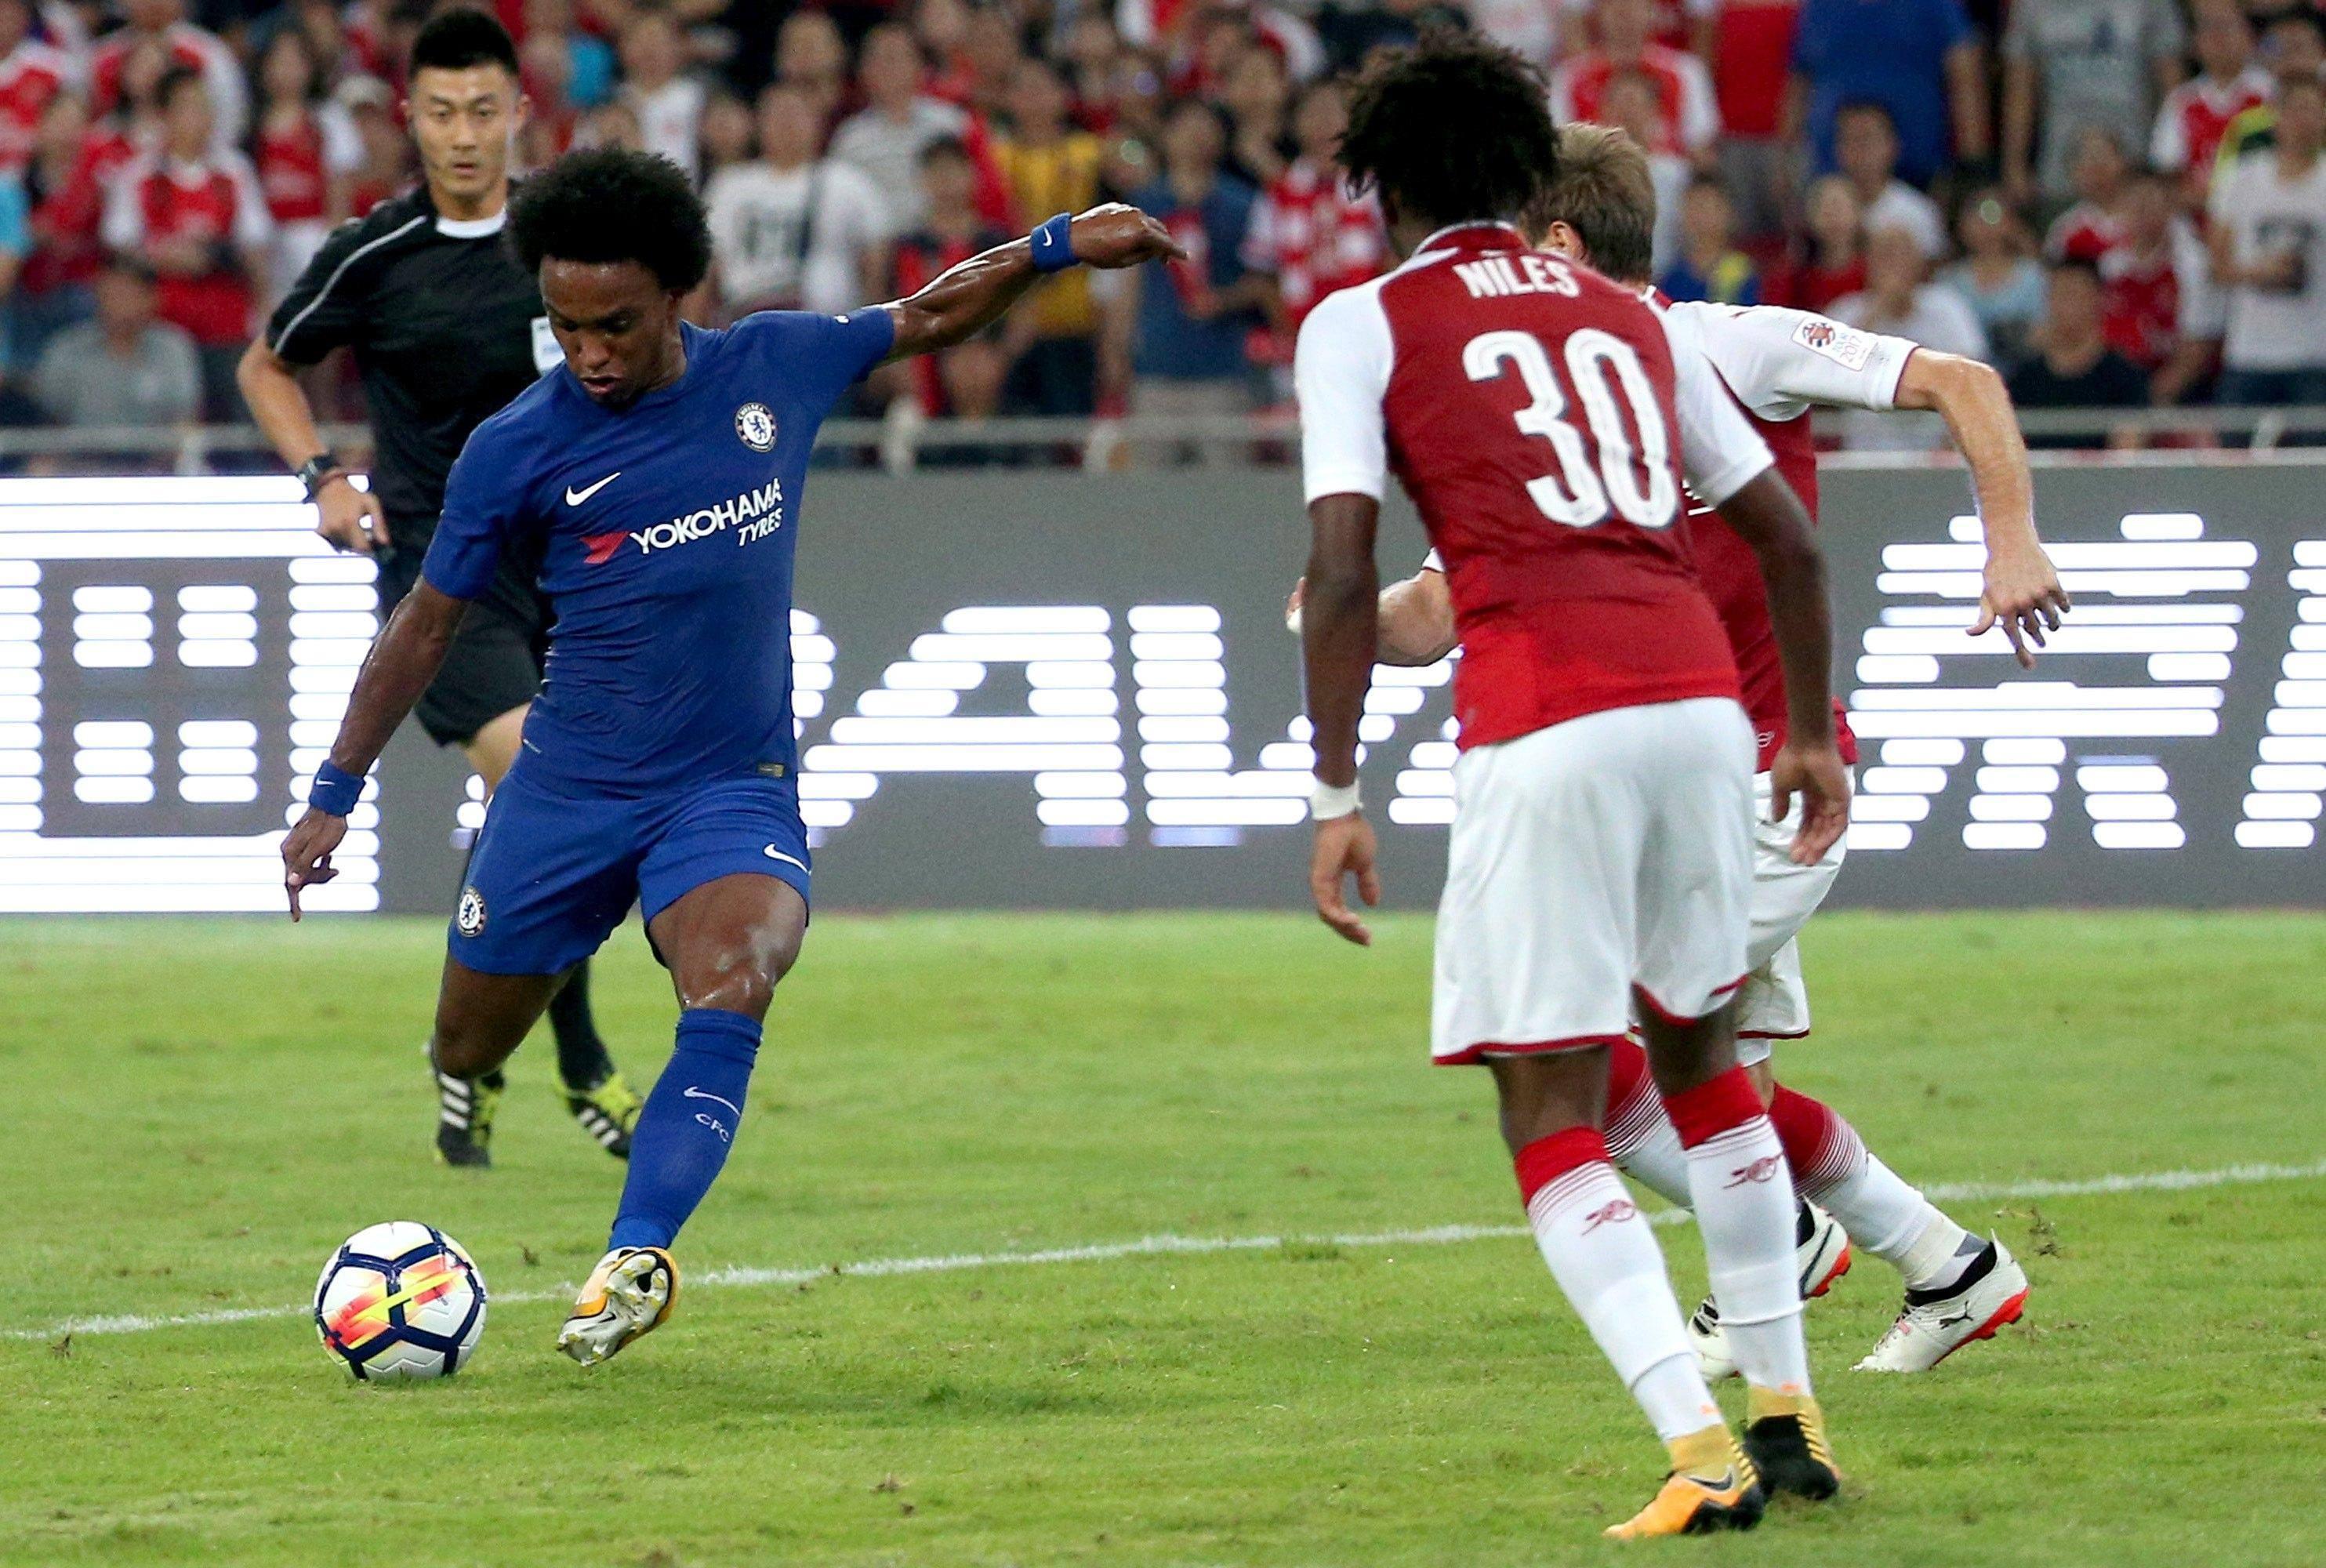 Chelsea Arsenal: probabili formazioni, dove vederla in diretta TV e in streaming